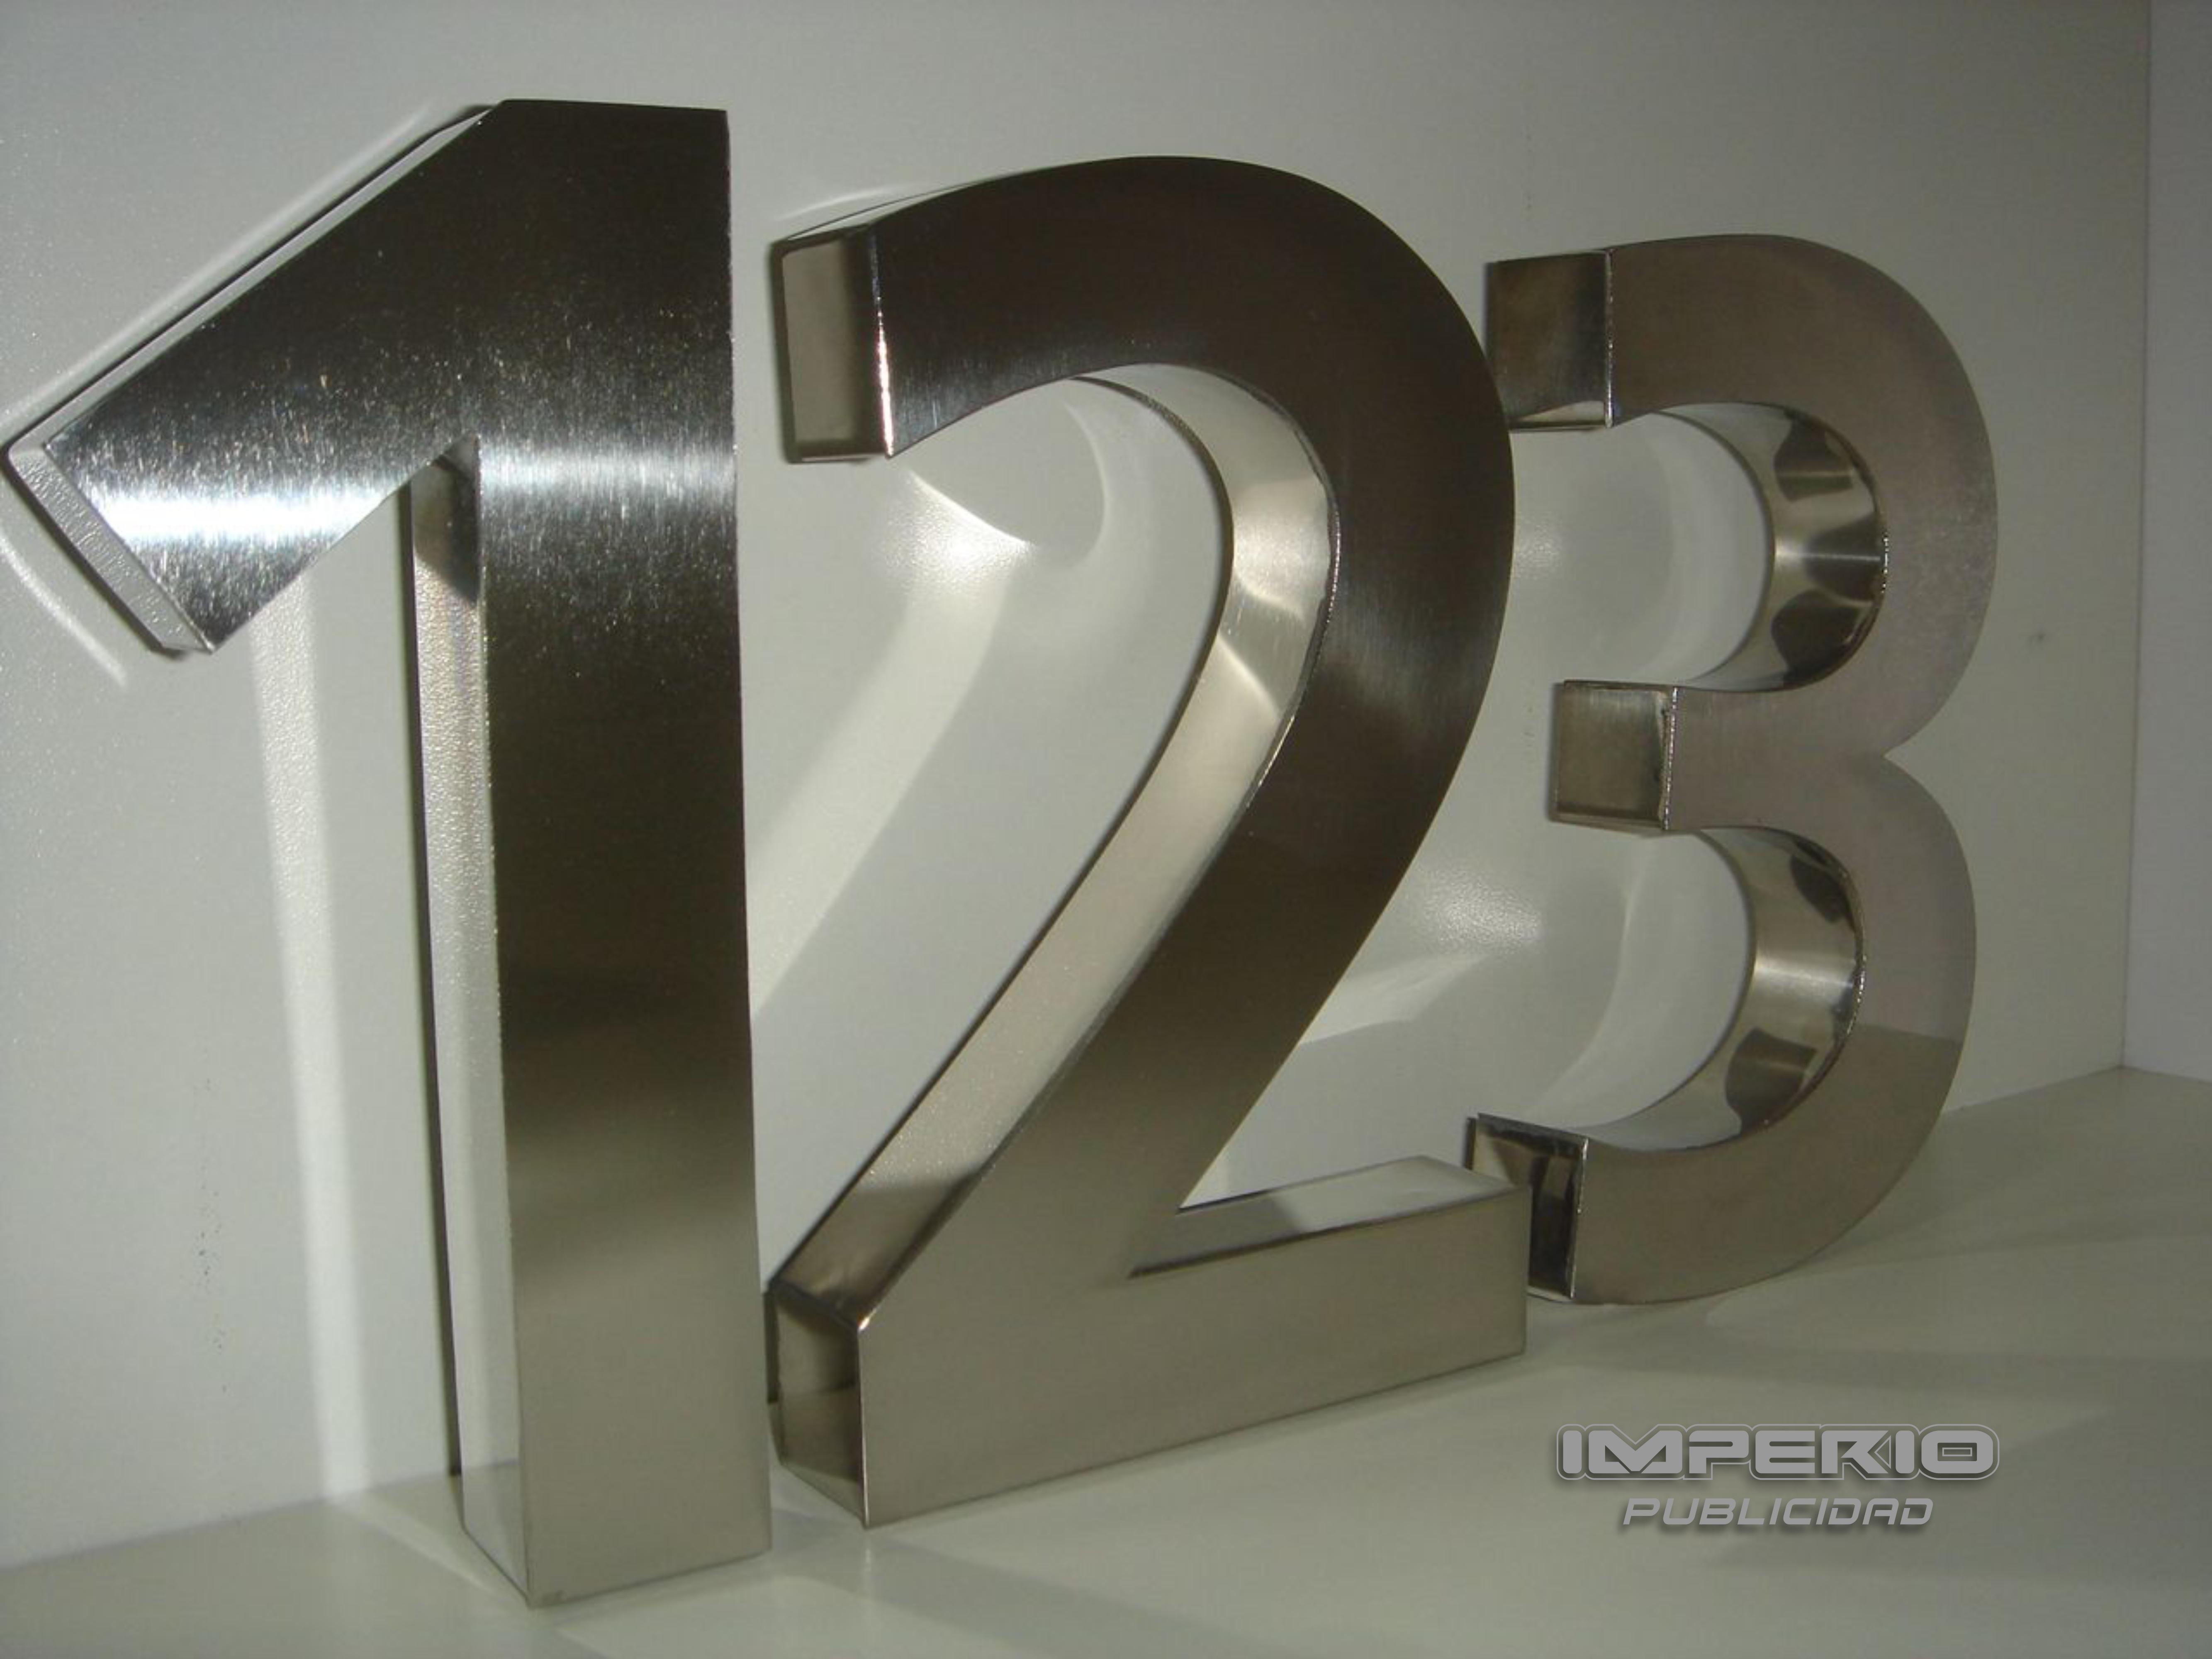 letras nuemeros y logotipos de acero inoxidable